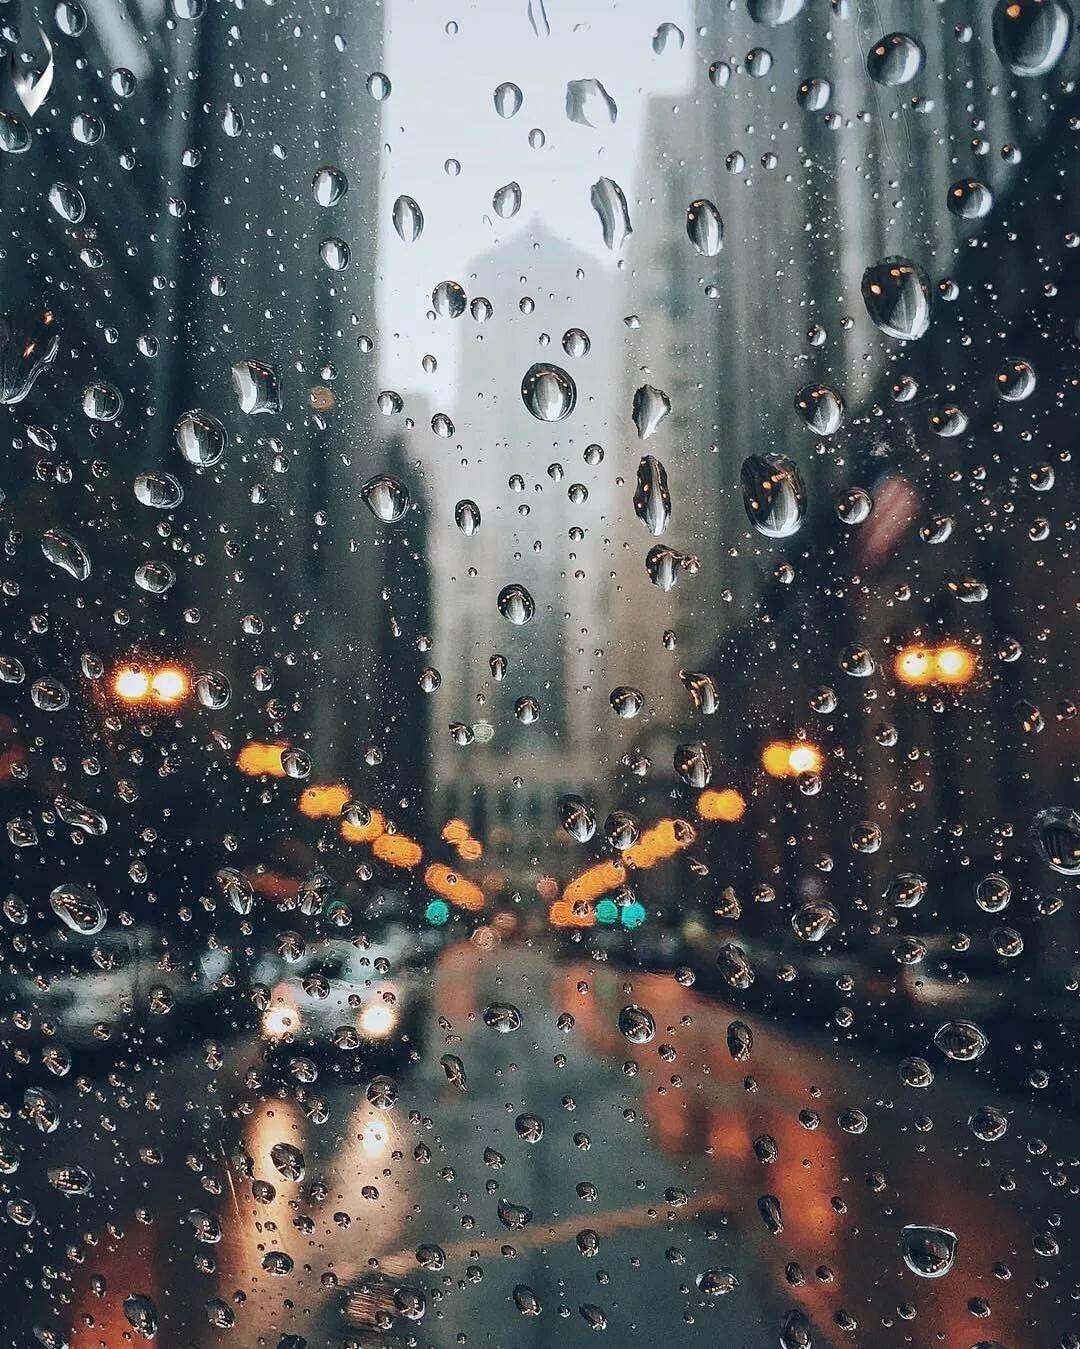 расположен обои дождя на телефон оснащена комфортным